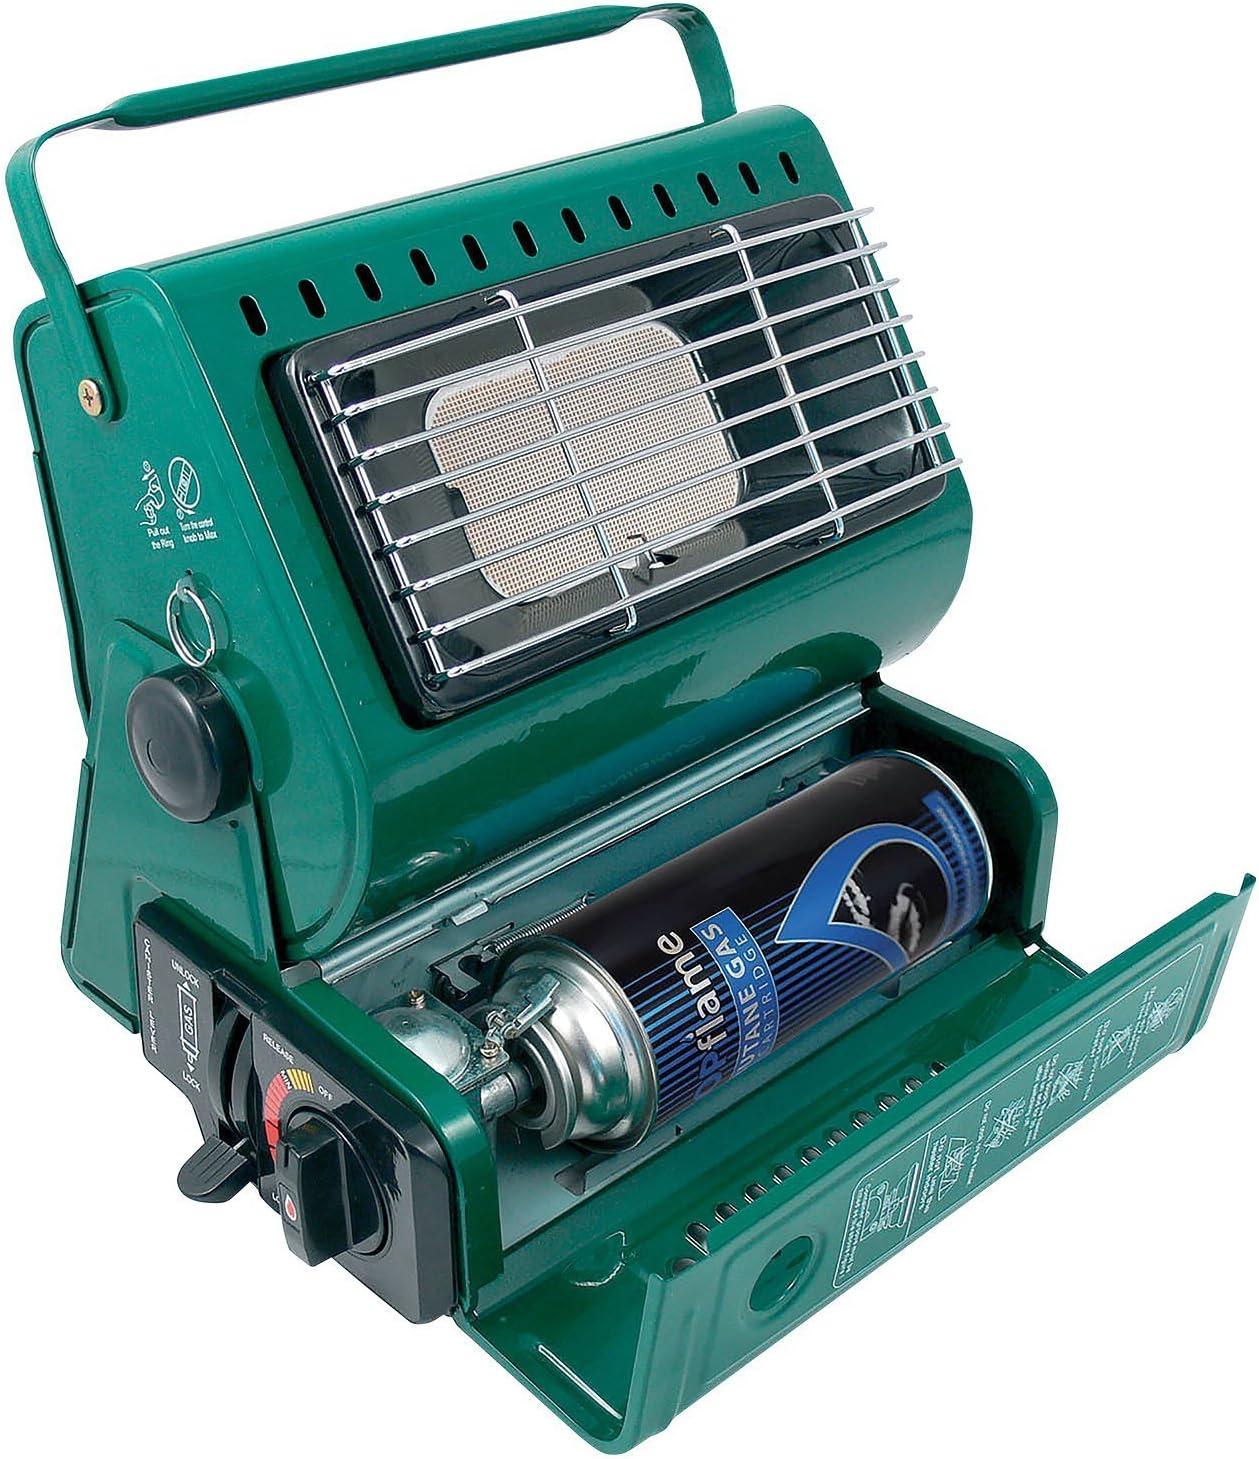 SDD Calentador de gas portátil para pesca al aire libre, camping, 1,3 kW, calentador de gas butano, compacto y ligero, + 4 recambios de gas